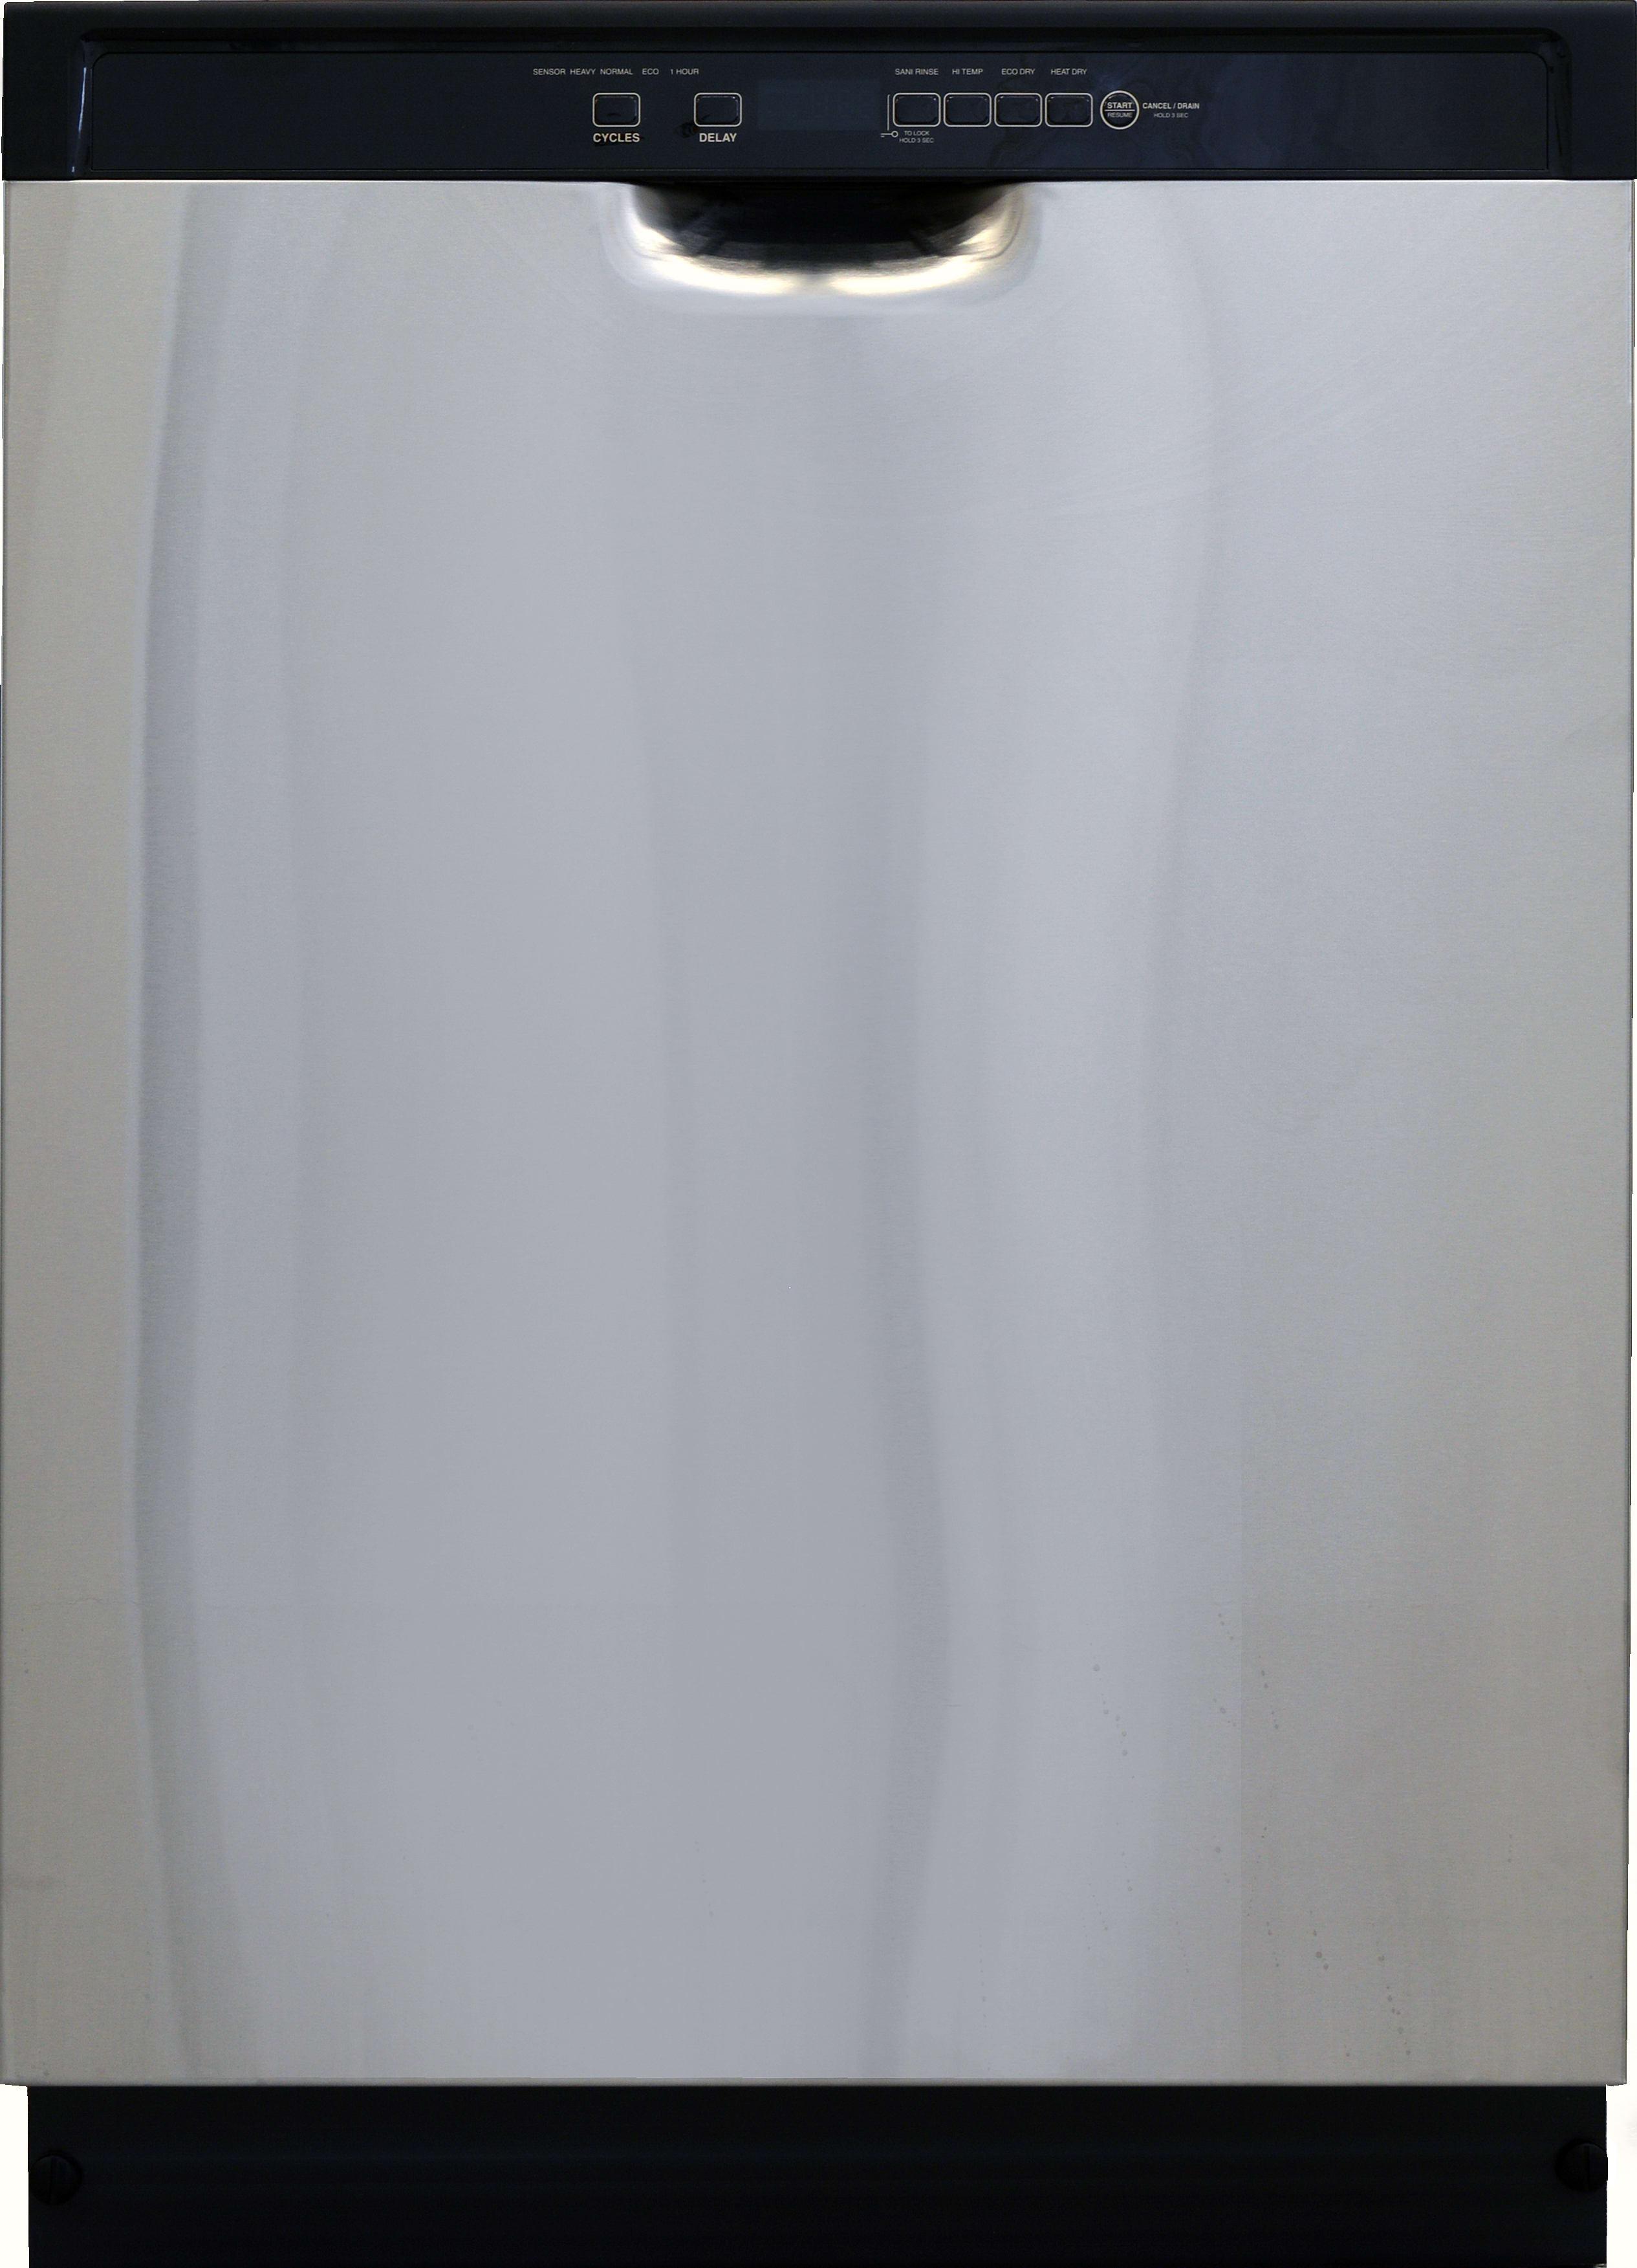 IKEA IUD7555DS front vanity